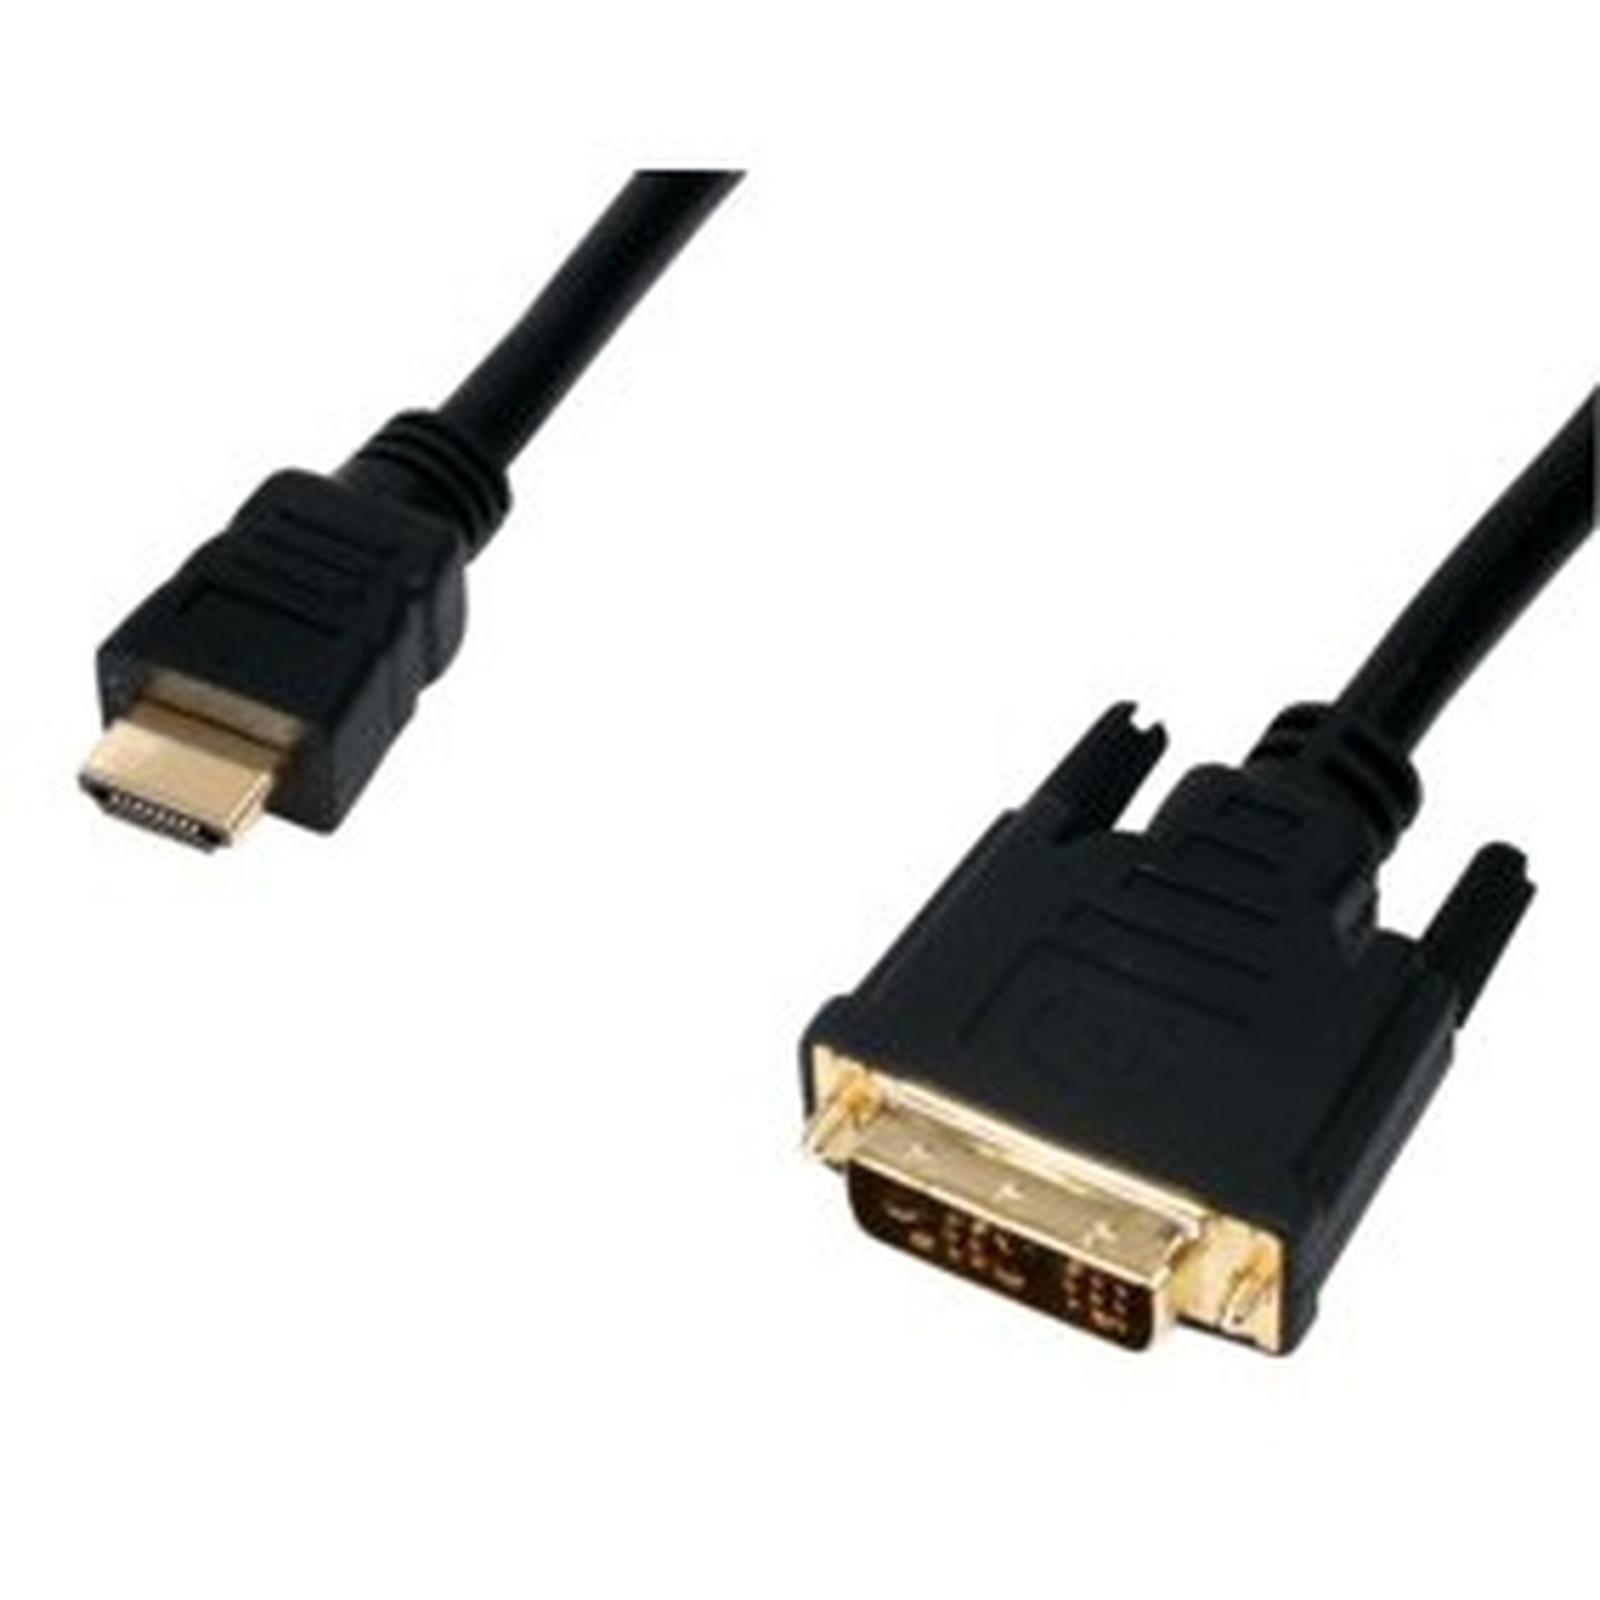 Cable DVI-D Single Link macho / HDMI macho (1,5 metros) chapado en oro